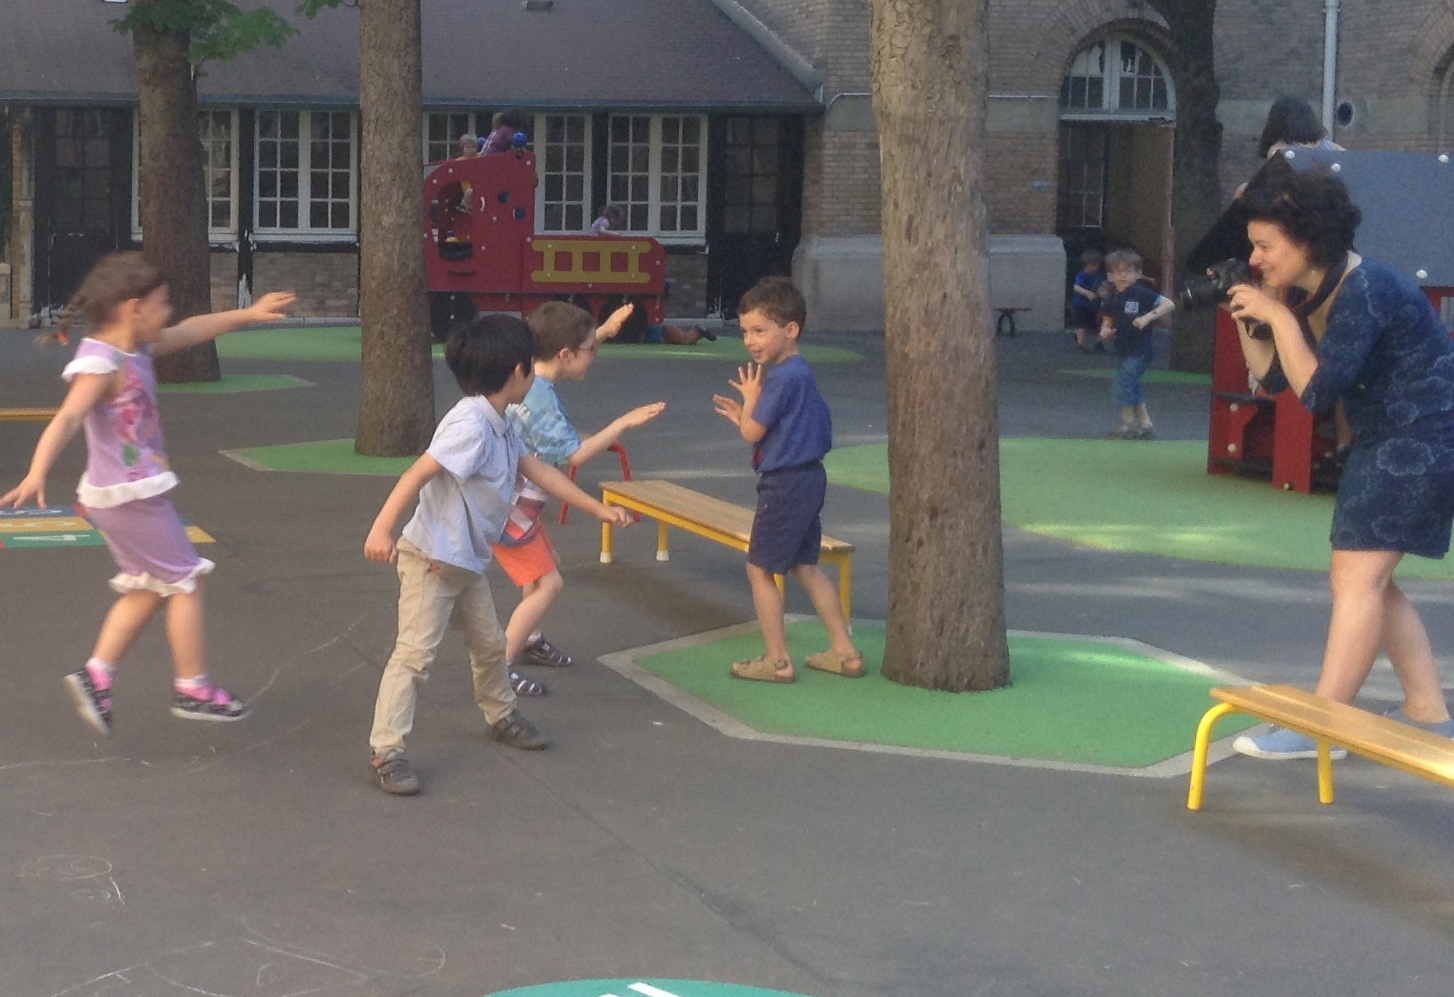 Les enfants de la classe de PS/MS de Catherine Torrejon deviennent acteurs pour réaliser un mémory des jeux de la cour.